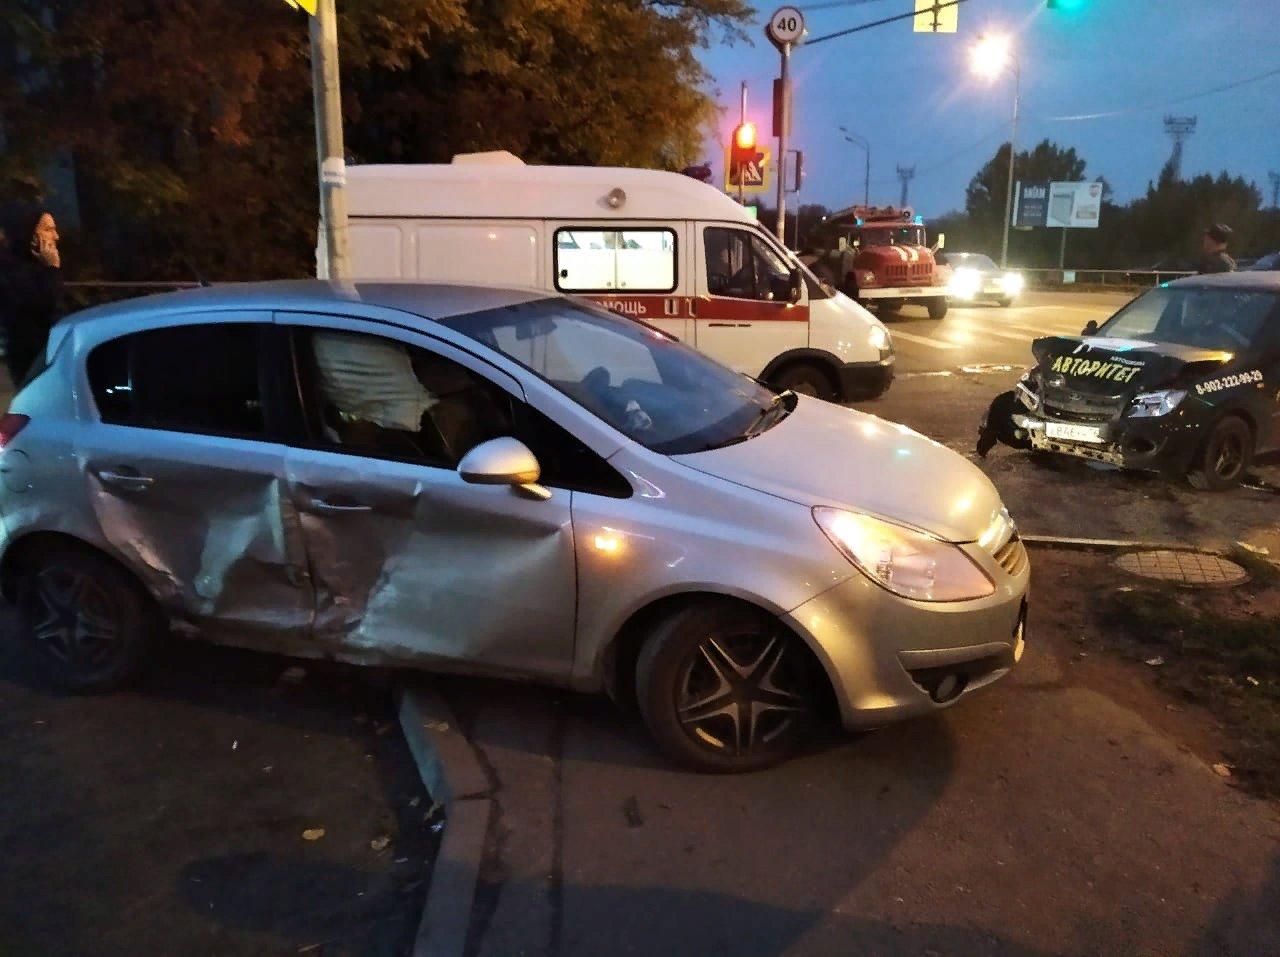 В Рыбинске произошла авария с участием машины автошколы: пострадали два человека